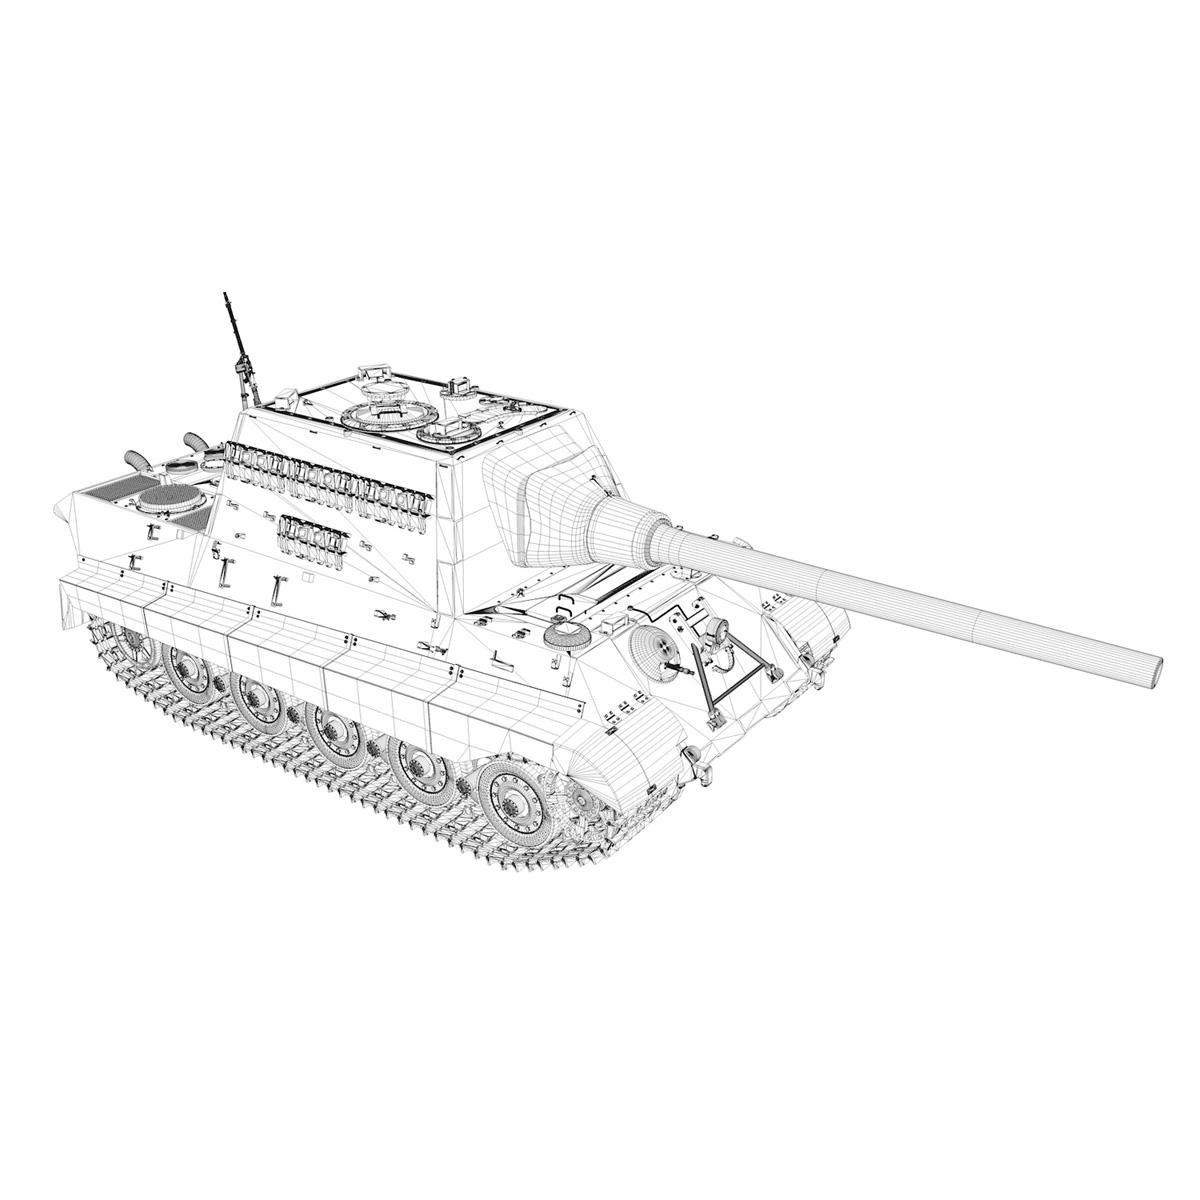 sd.kfz 186 jagdtiger hunting tiger 3d model 3ds fbx c4d lwo obj 189967